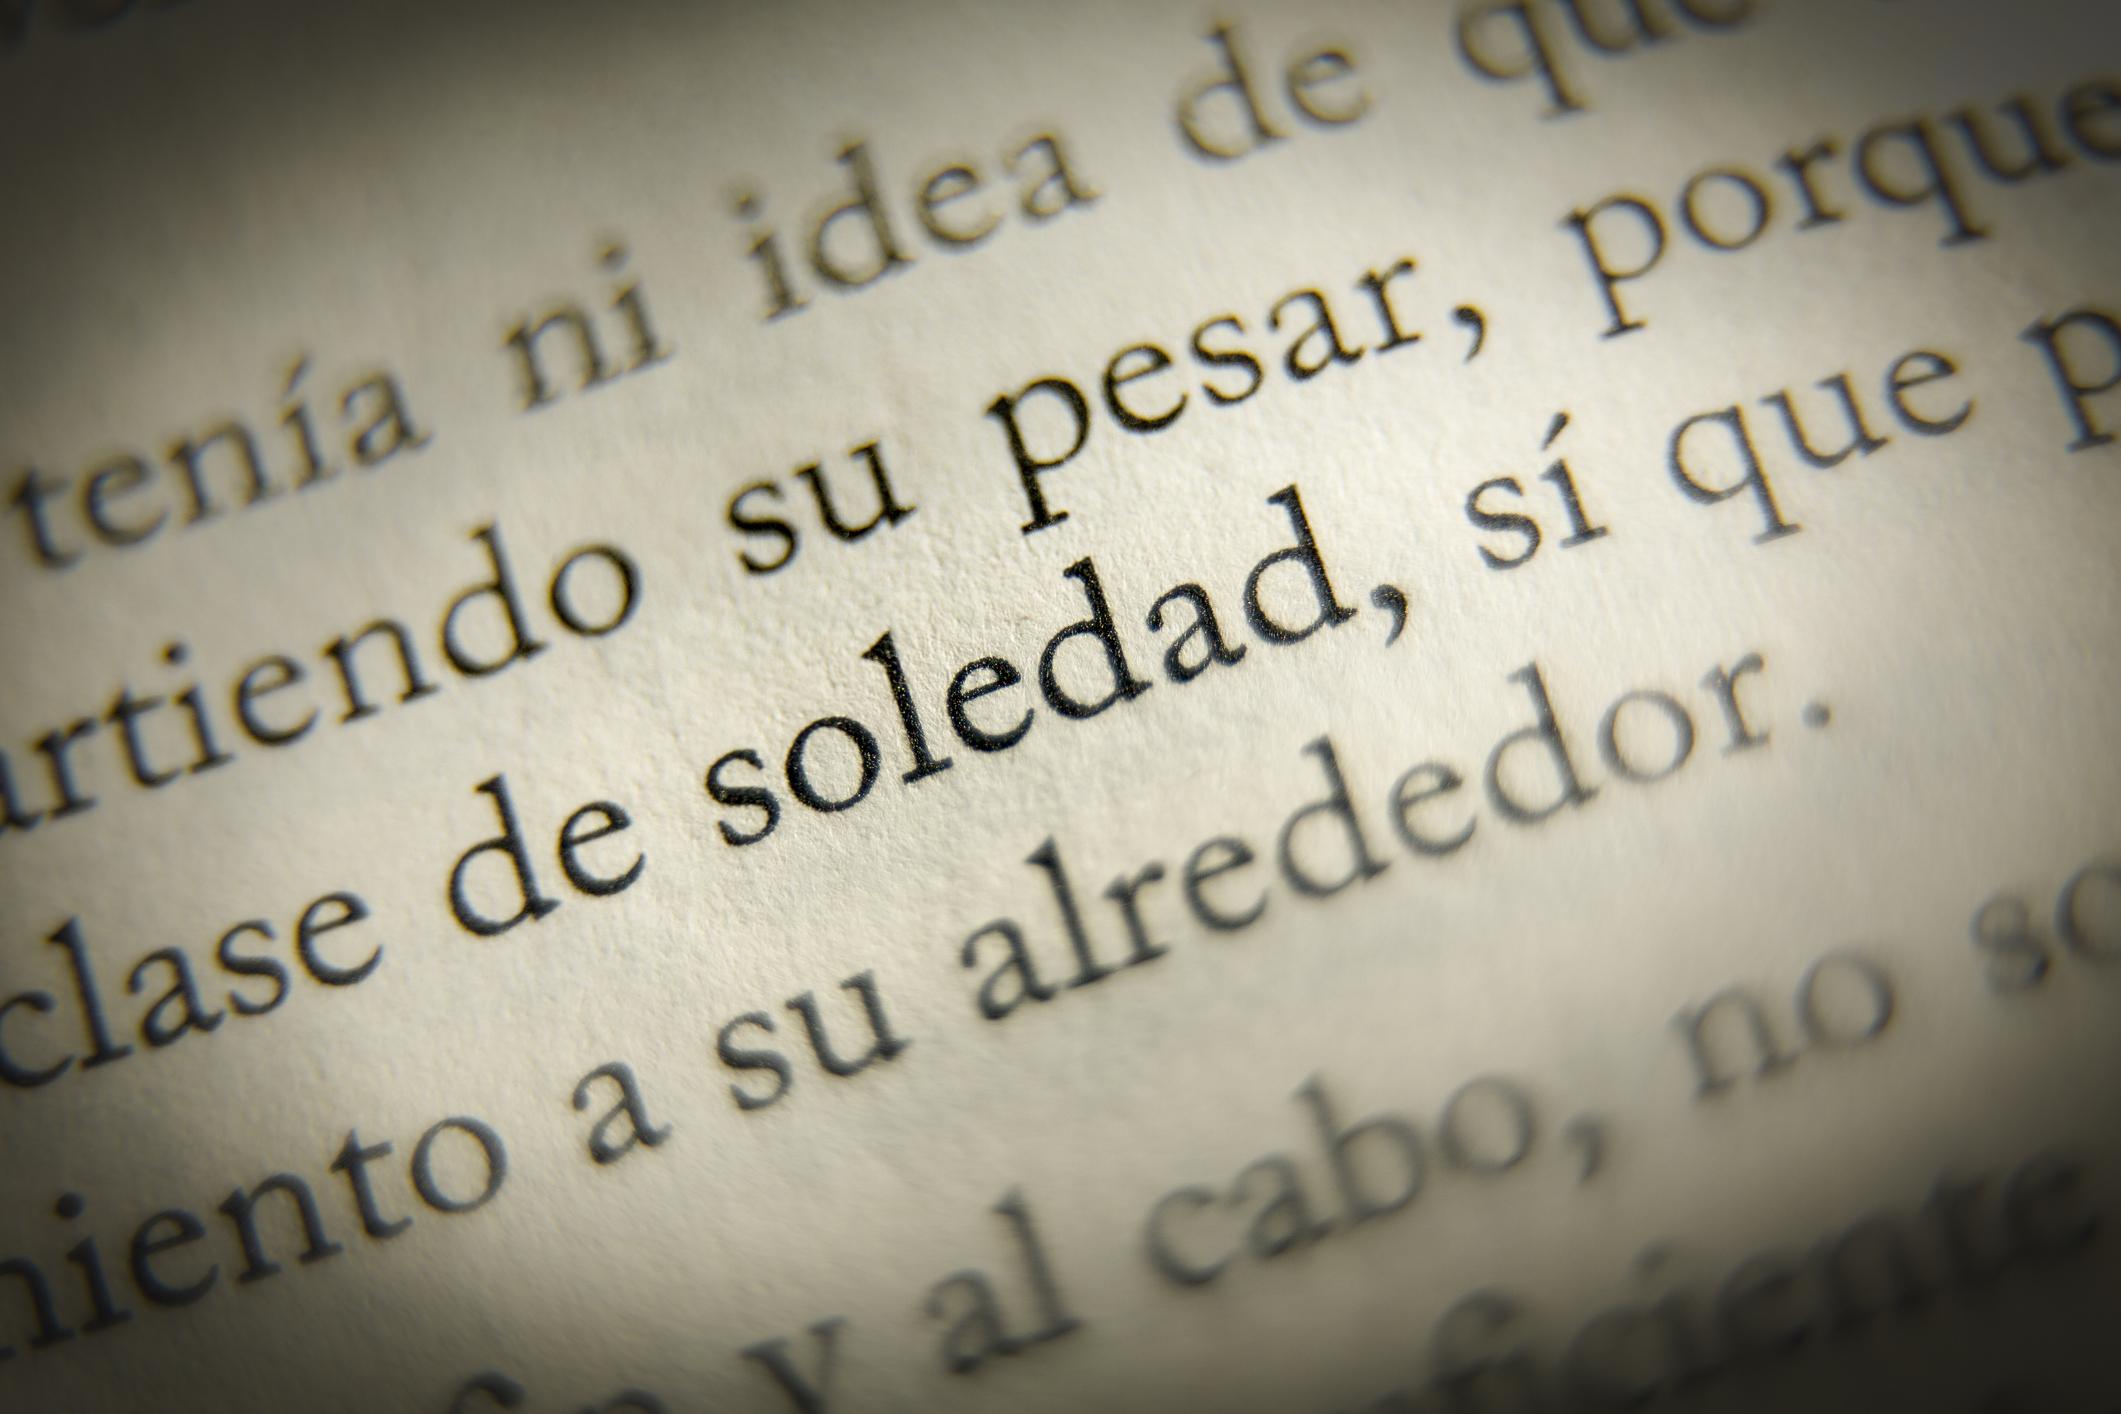 Detalhe ampliado de texto em espanhol